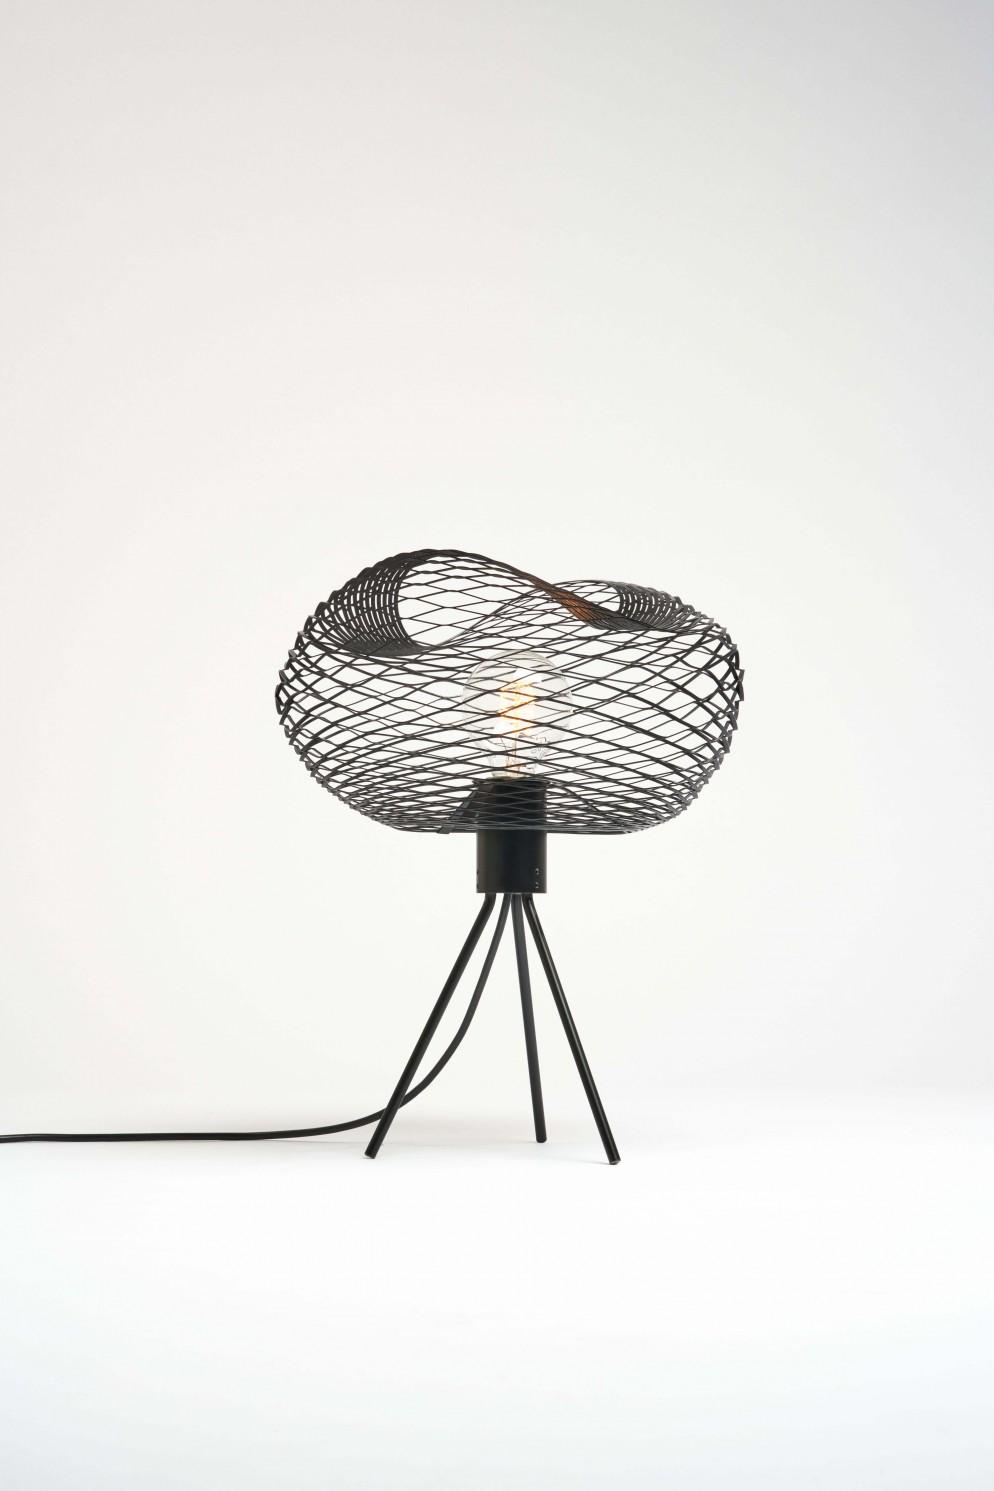 Zava NET LIGHT  by Paolo Ulian 1